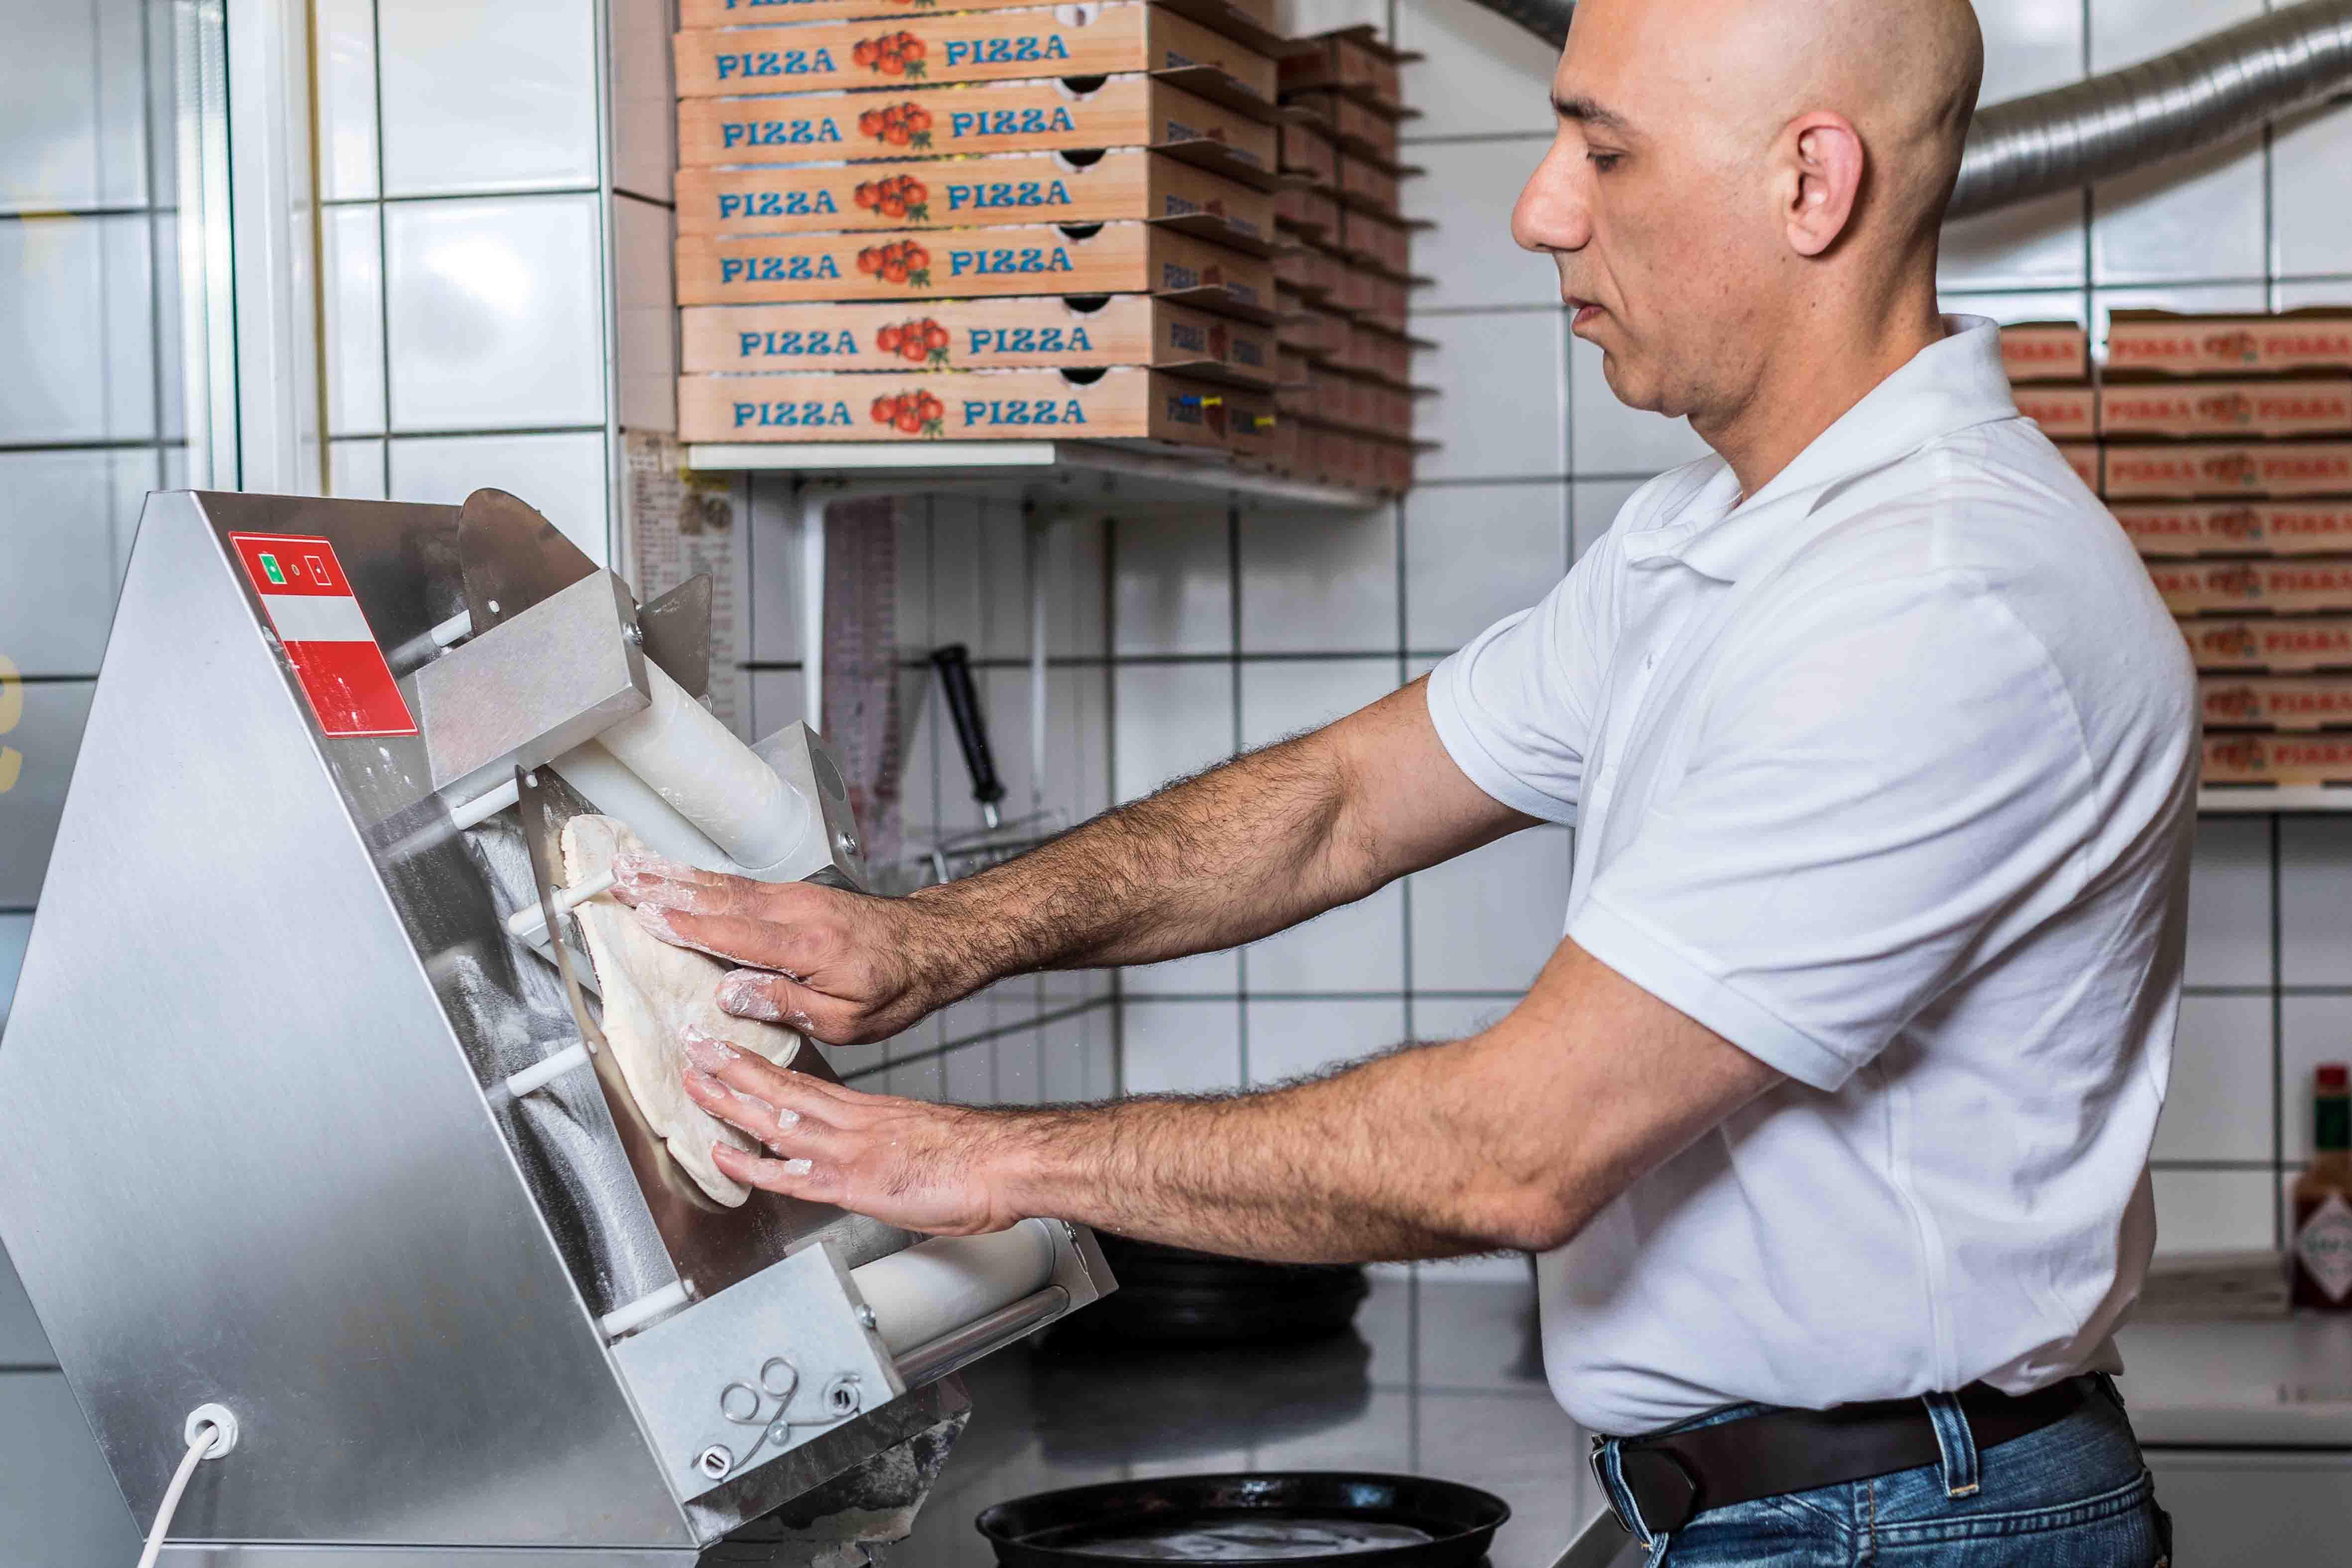 Fotos de Pizzataxi Maxims